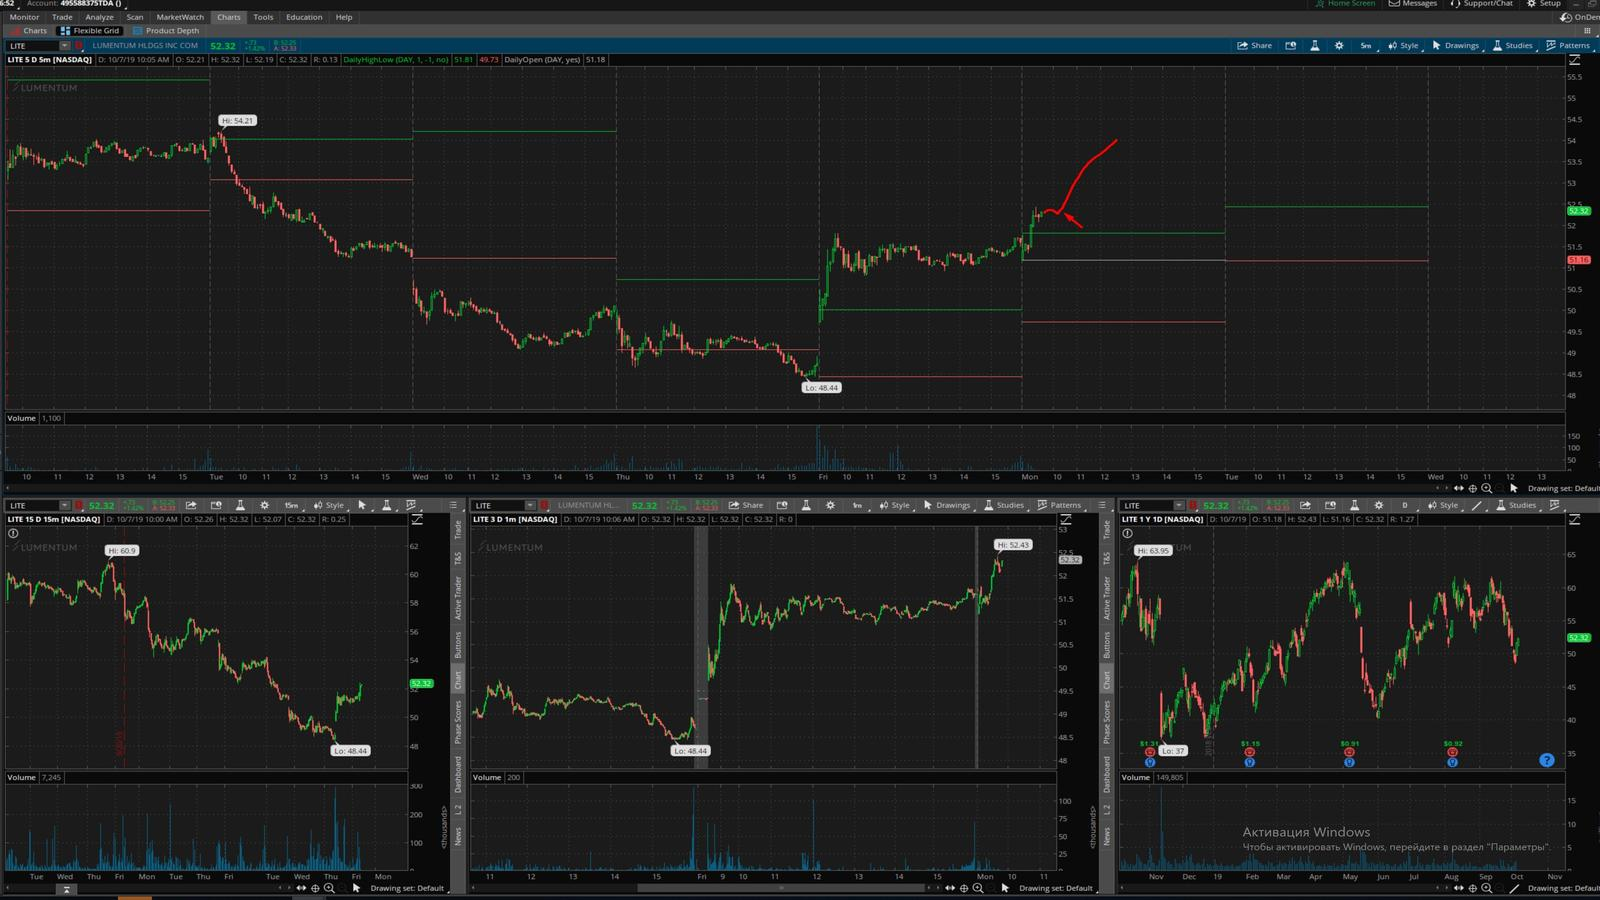 LITE - график акции на фондовой бирже